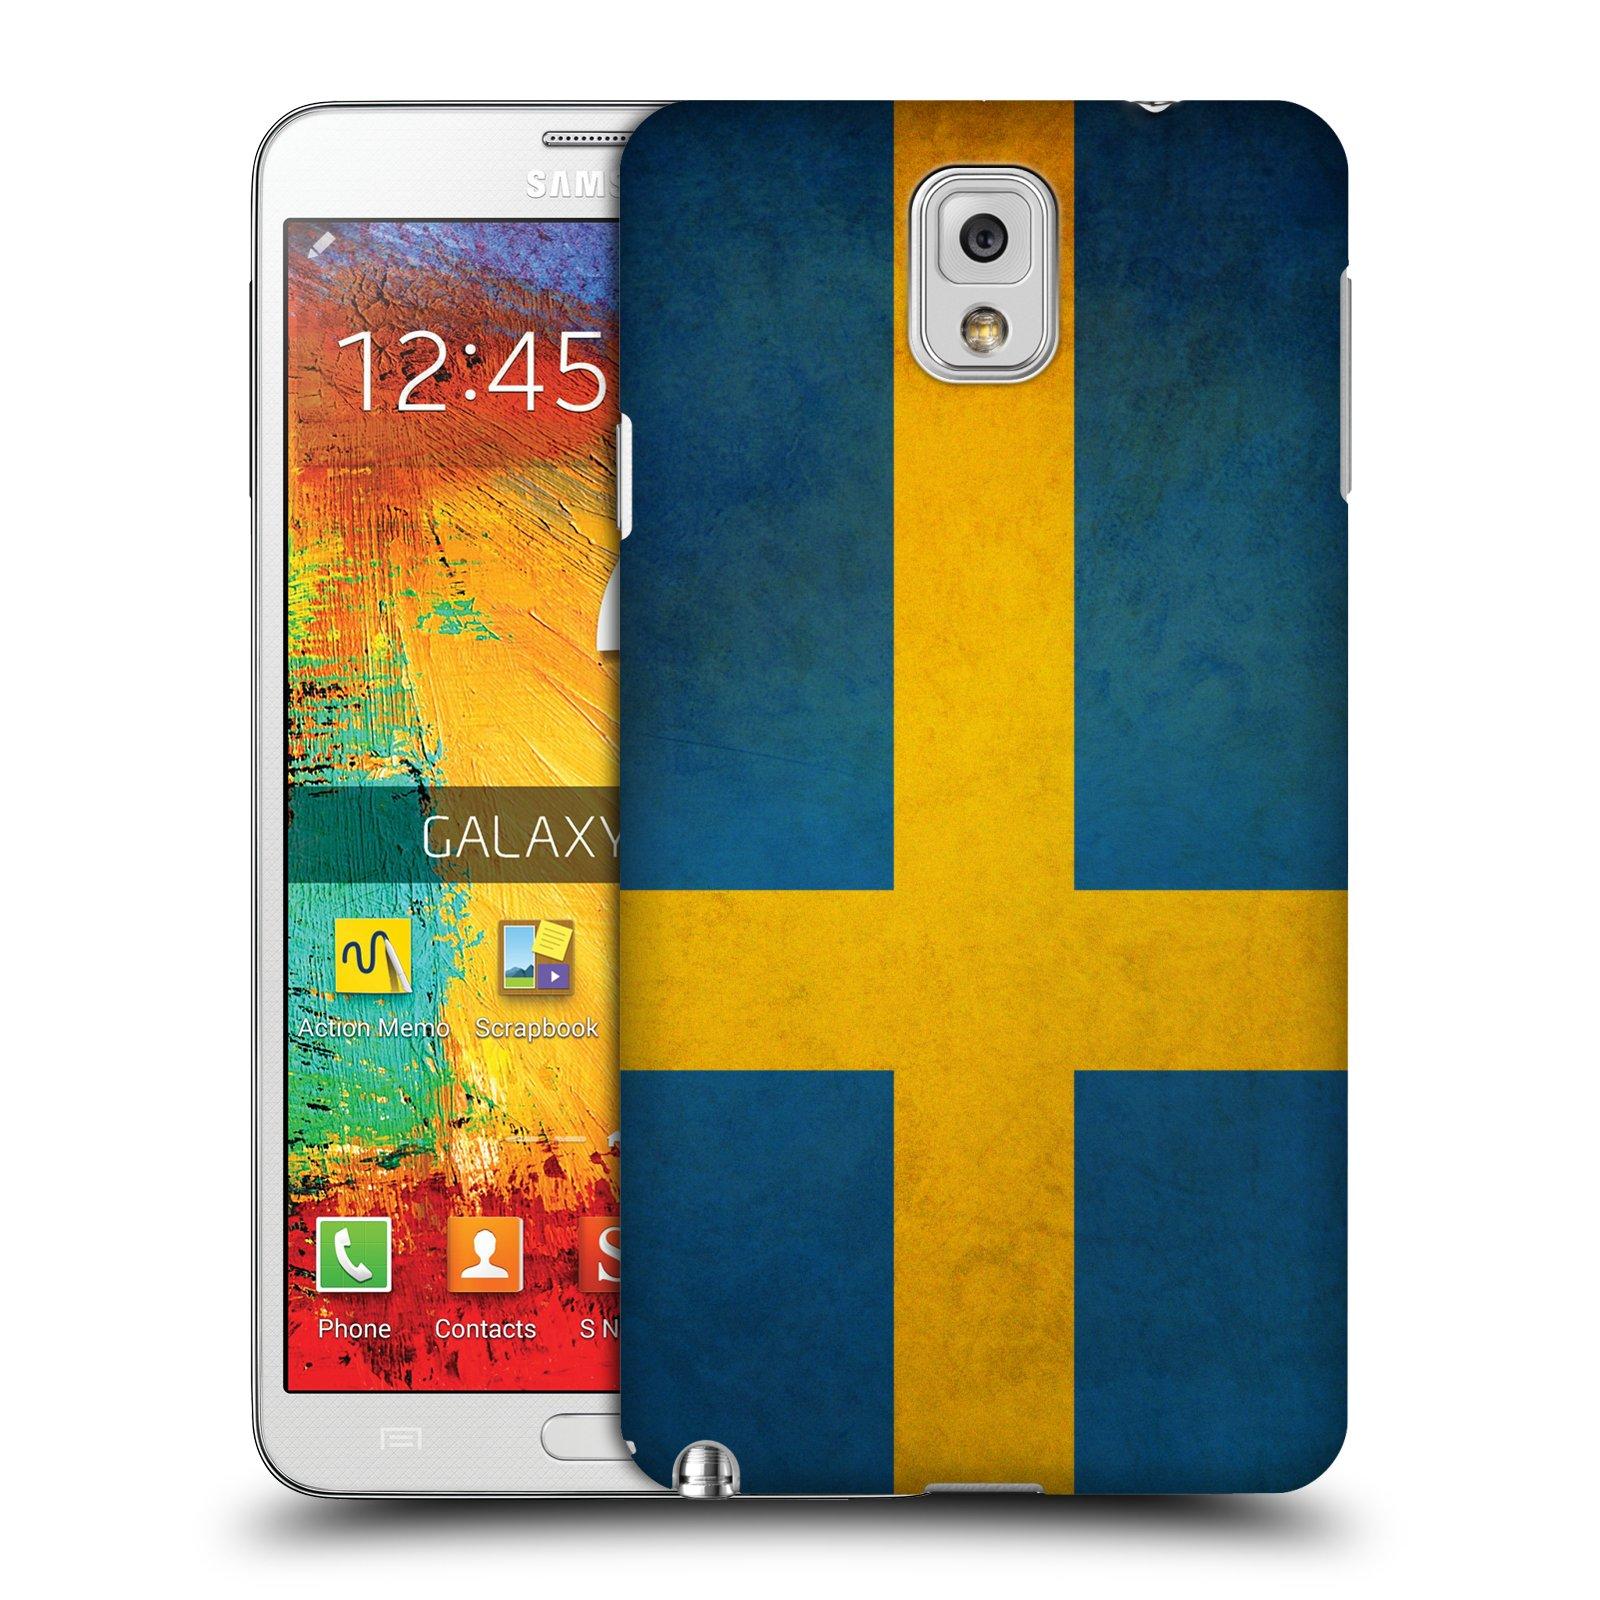 Plastové pouzdro na mobil Samsung Galaxy Note 3 HEAD CASE VLAJKA ŠVÉDSKO (Kryt či obal na mobilní telefon Samsung Galaxy Note 3 SM-N9005)